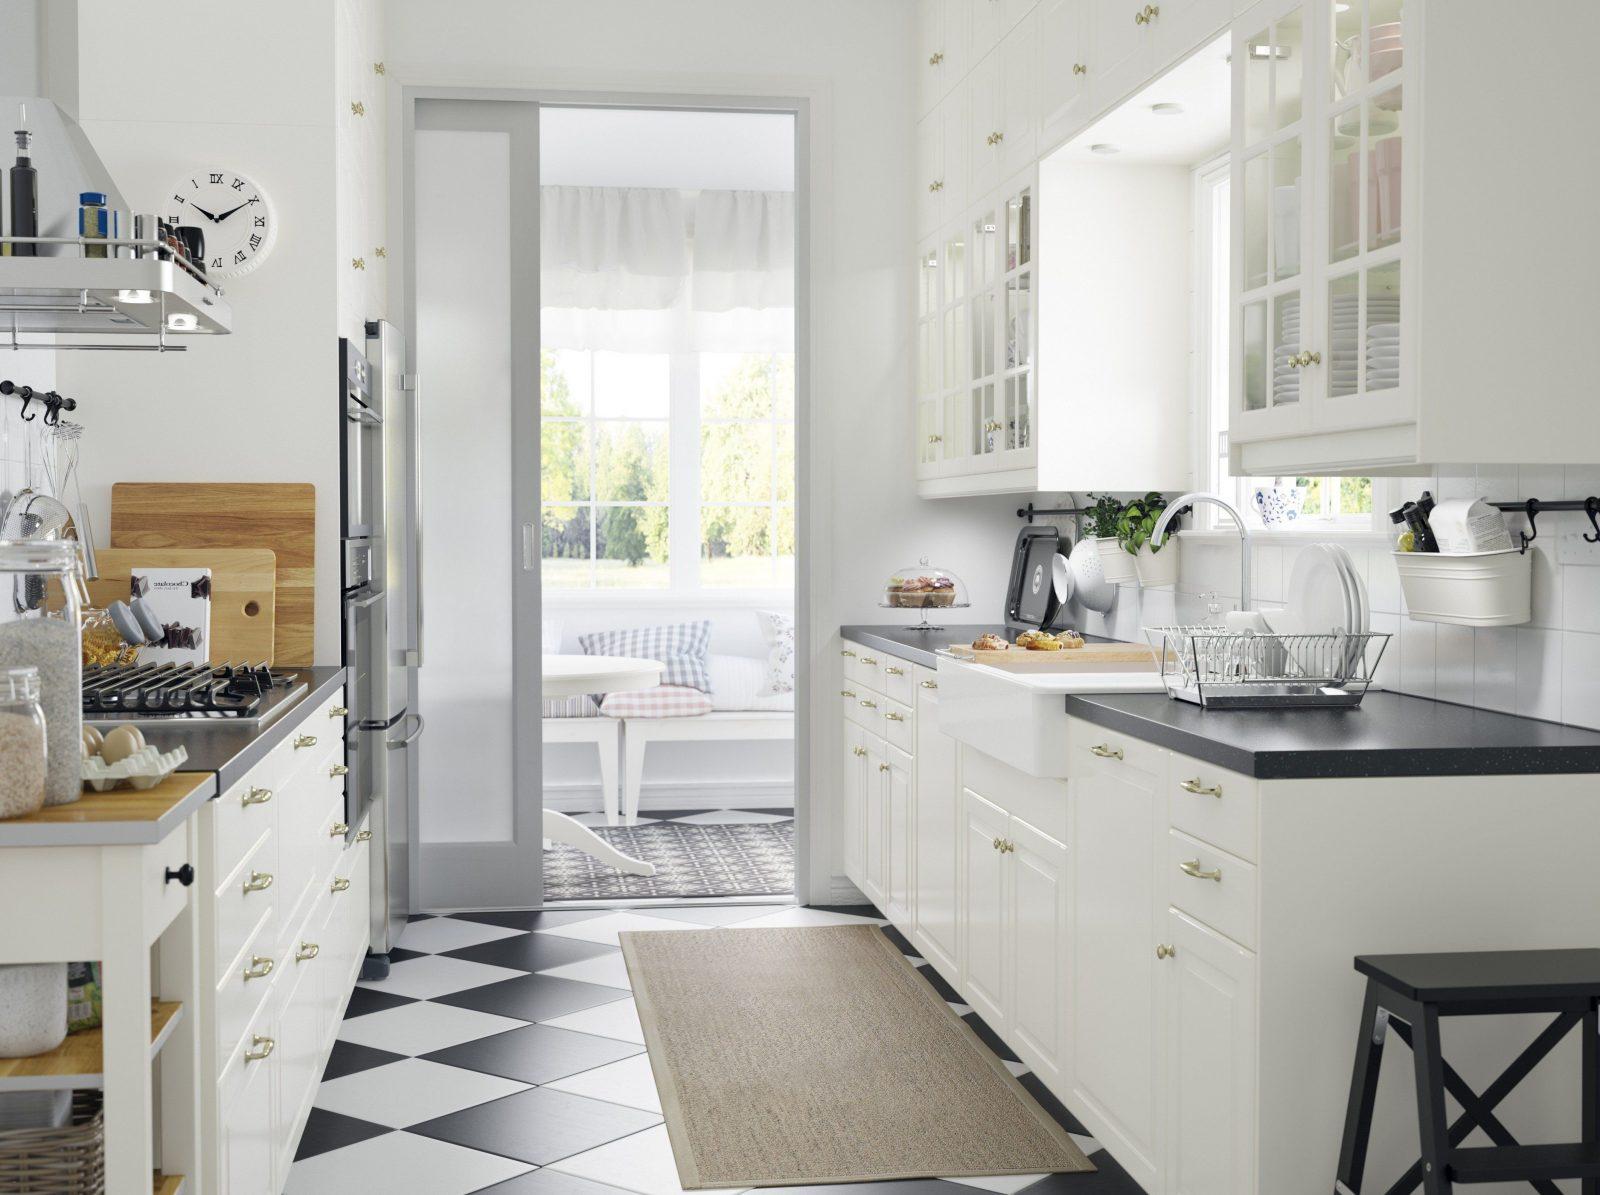 Küche Neu Gestalten Renovieren Schön Niedlich Landhaus Küche Ideen von Küche Neu Gestalten Renovieren Bild